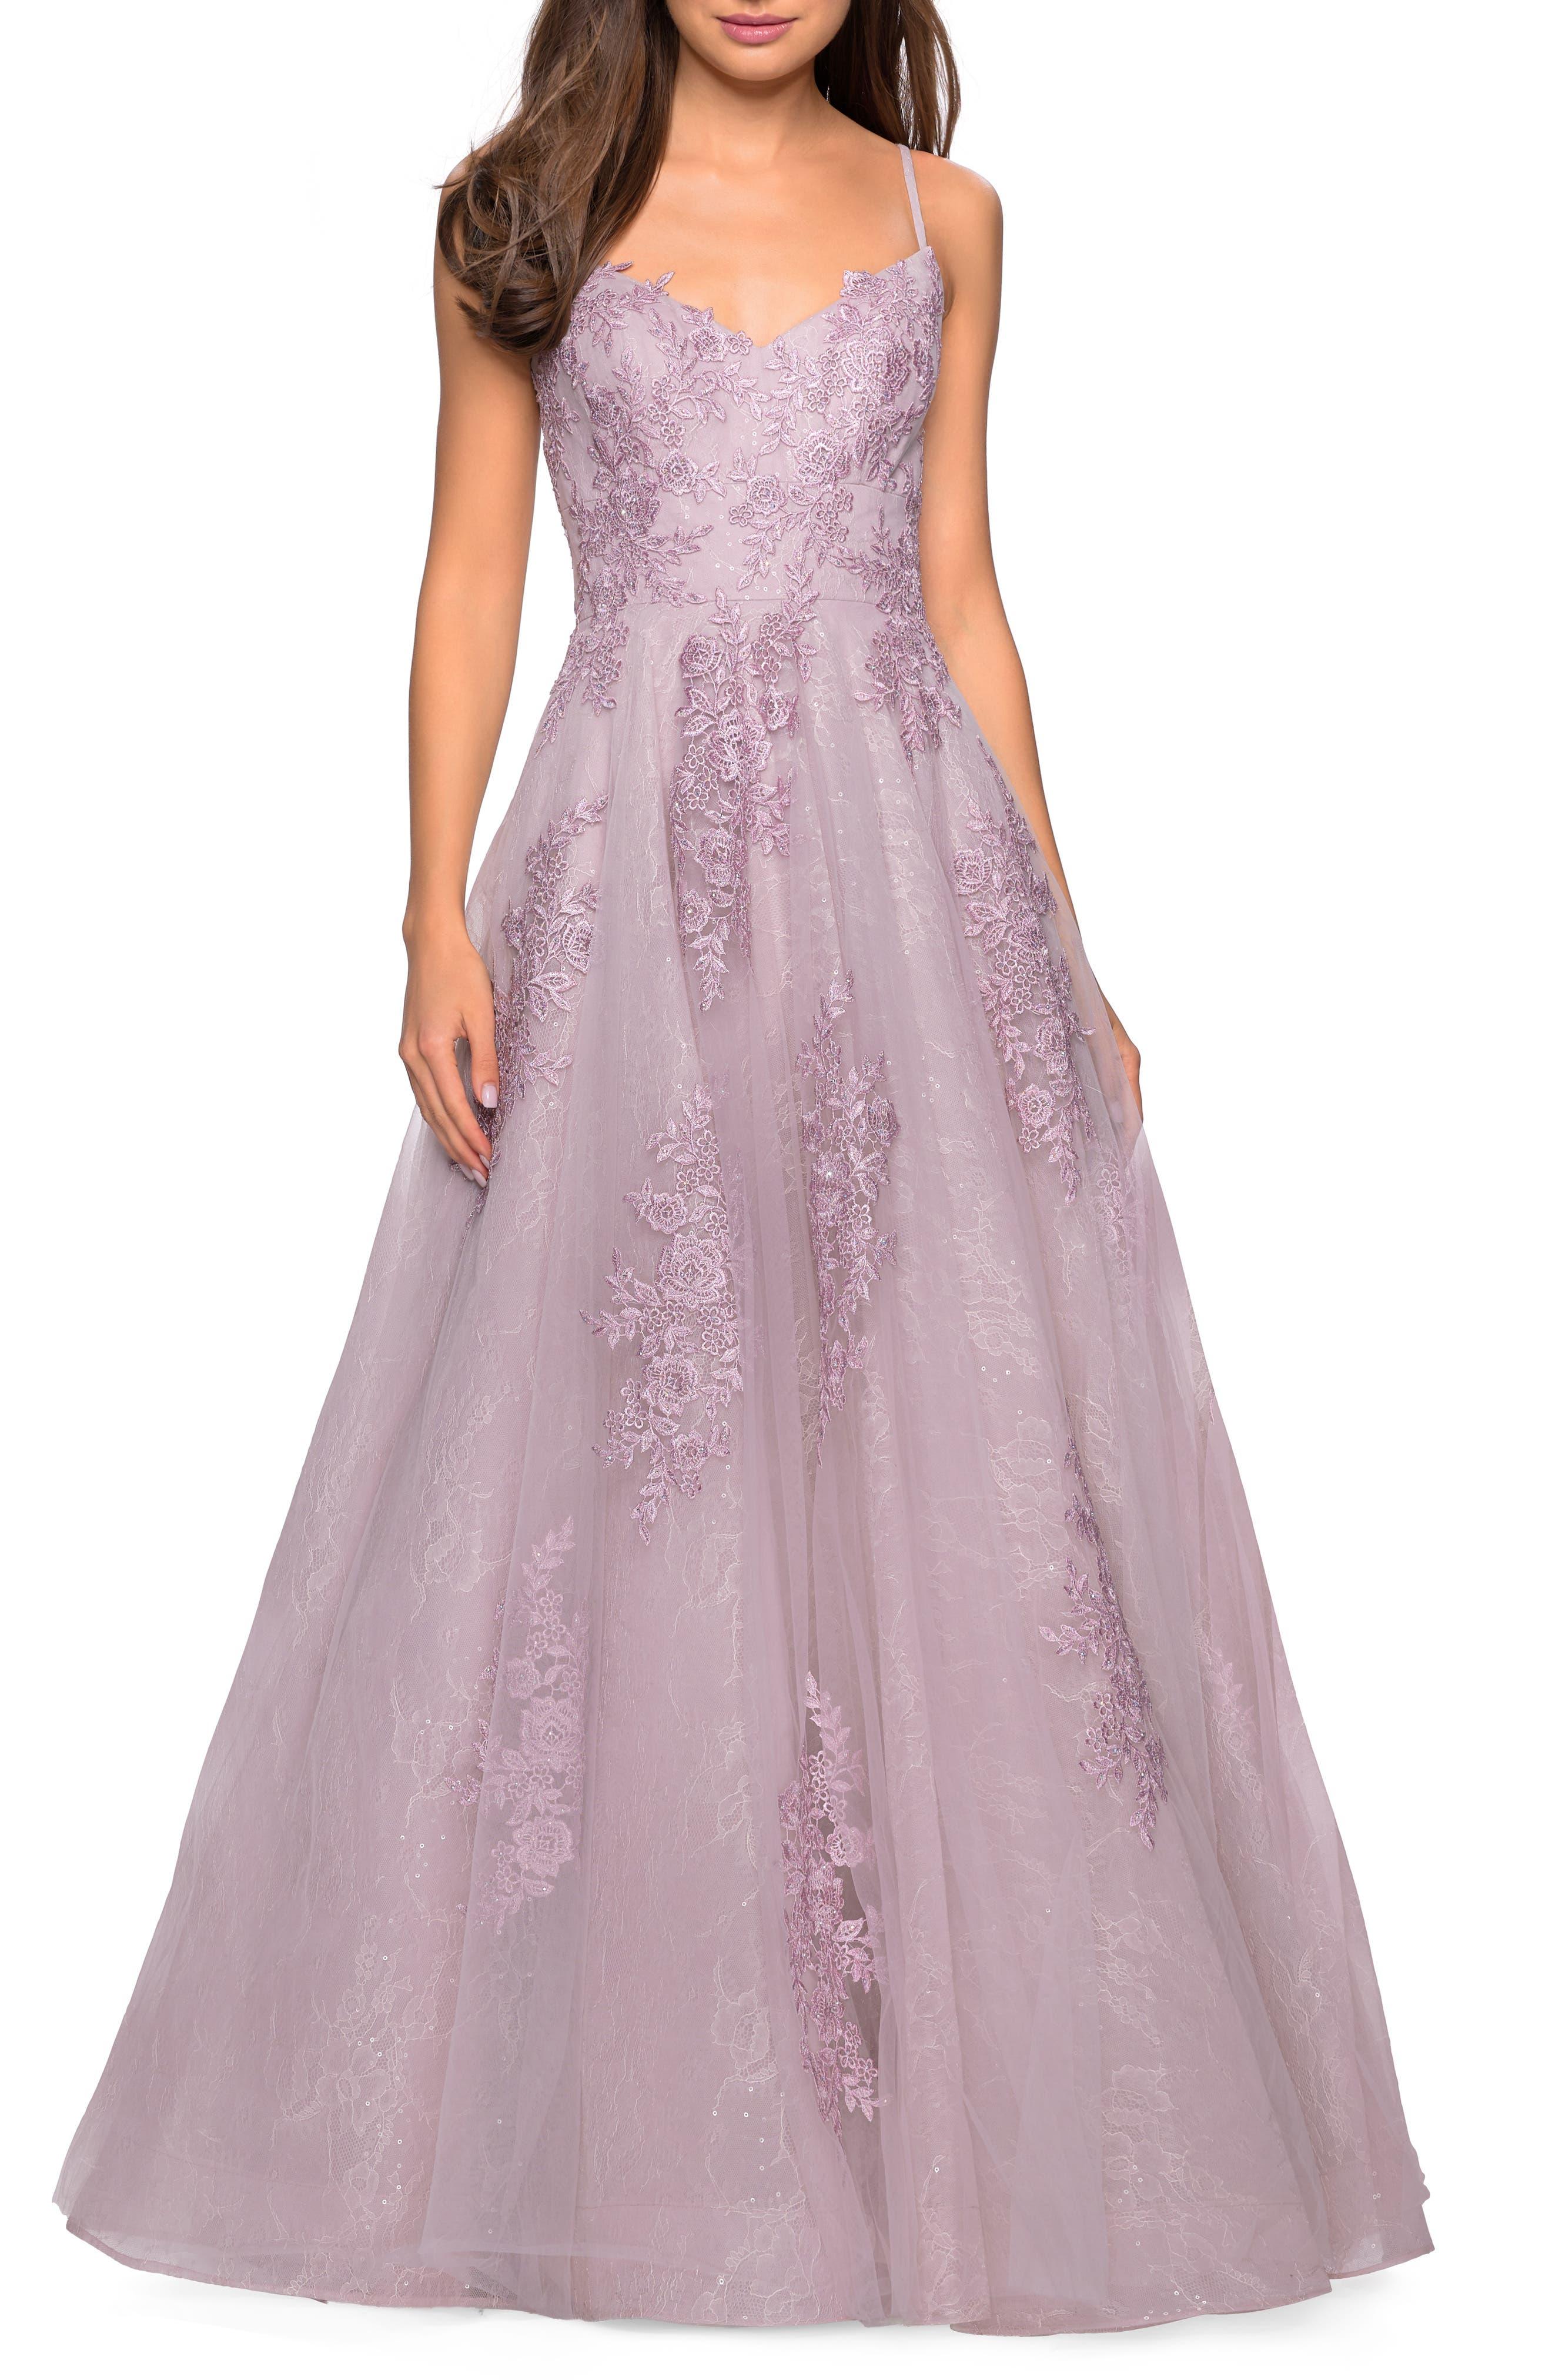 La Femme Lace A-Line Evening Dress, Pink